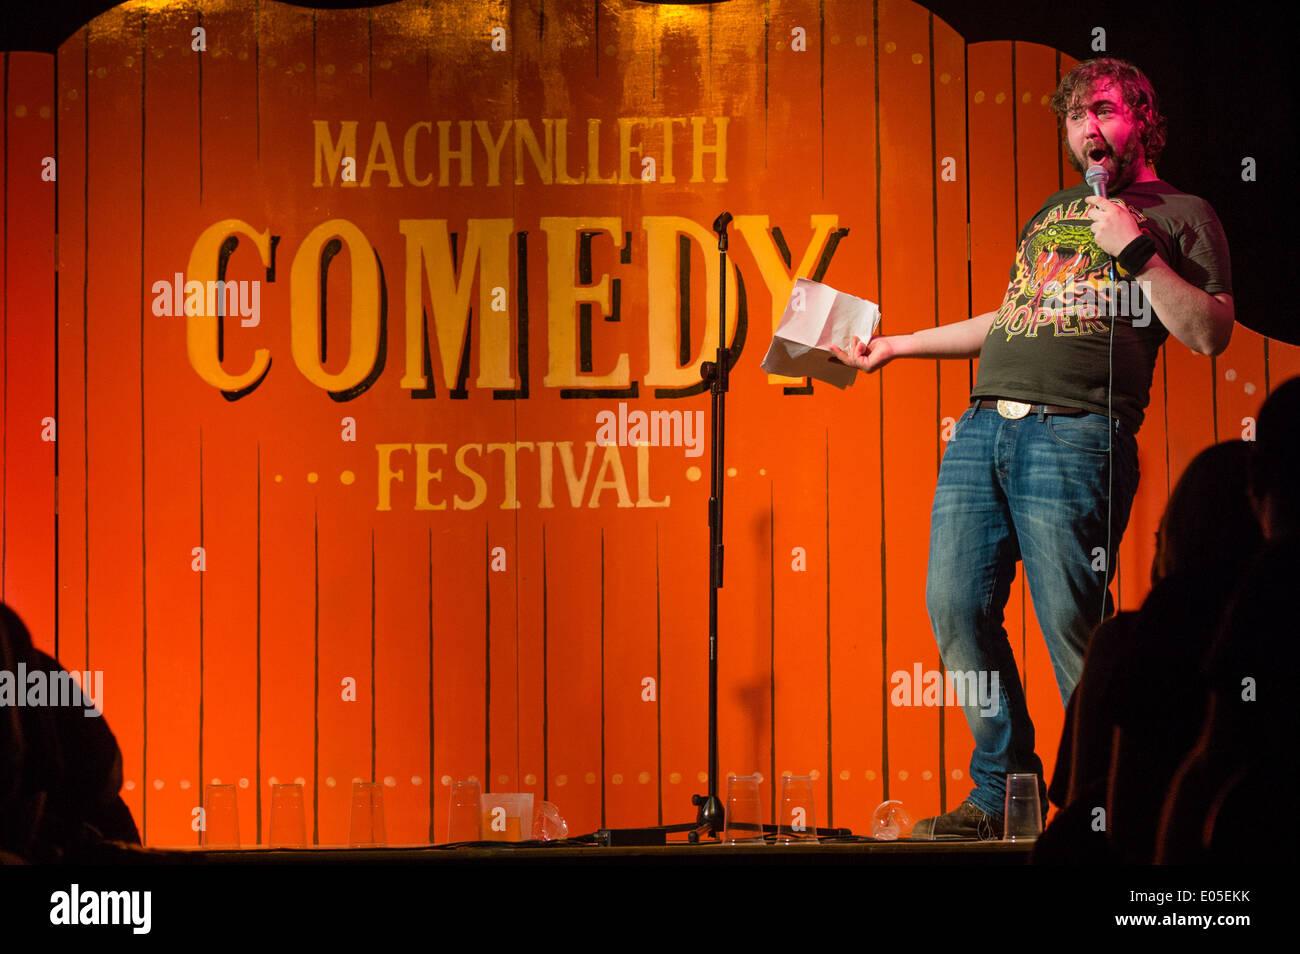 Machynlleth, Wales, Regno Unito. Il 2 maggio 2014. NICK timone al quinto annuale di Machynlleth Comedy Festival. Ormai una funzione sul Regno Unito scena di commedia, il festival trae nome superiore agli artisti interpreti o esecutori e migliaia di persone provenienti da tutto il Regno Unito per un week-end di strani e meravigliosi eventi in ed intorno alla piccola cittadina gallese Photo credit: keith morris 2014/Alamy Live News Immagini Stock